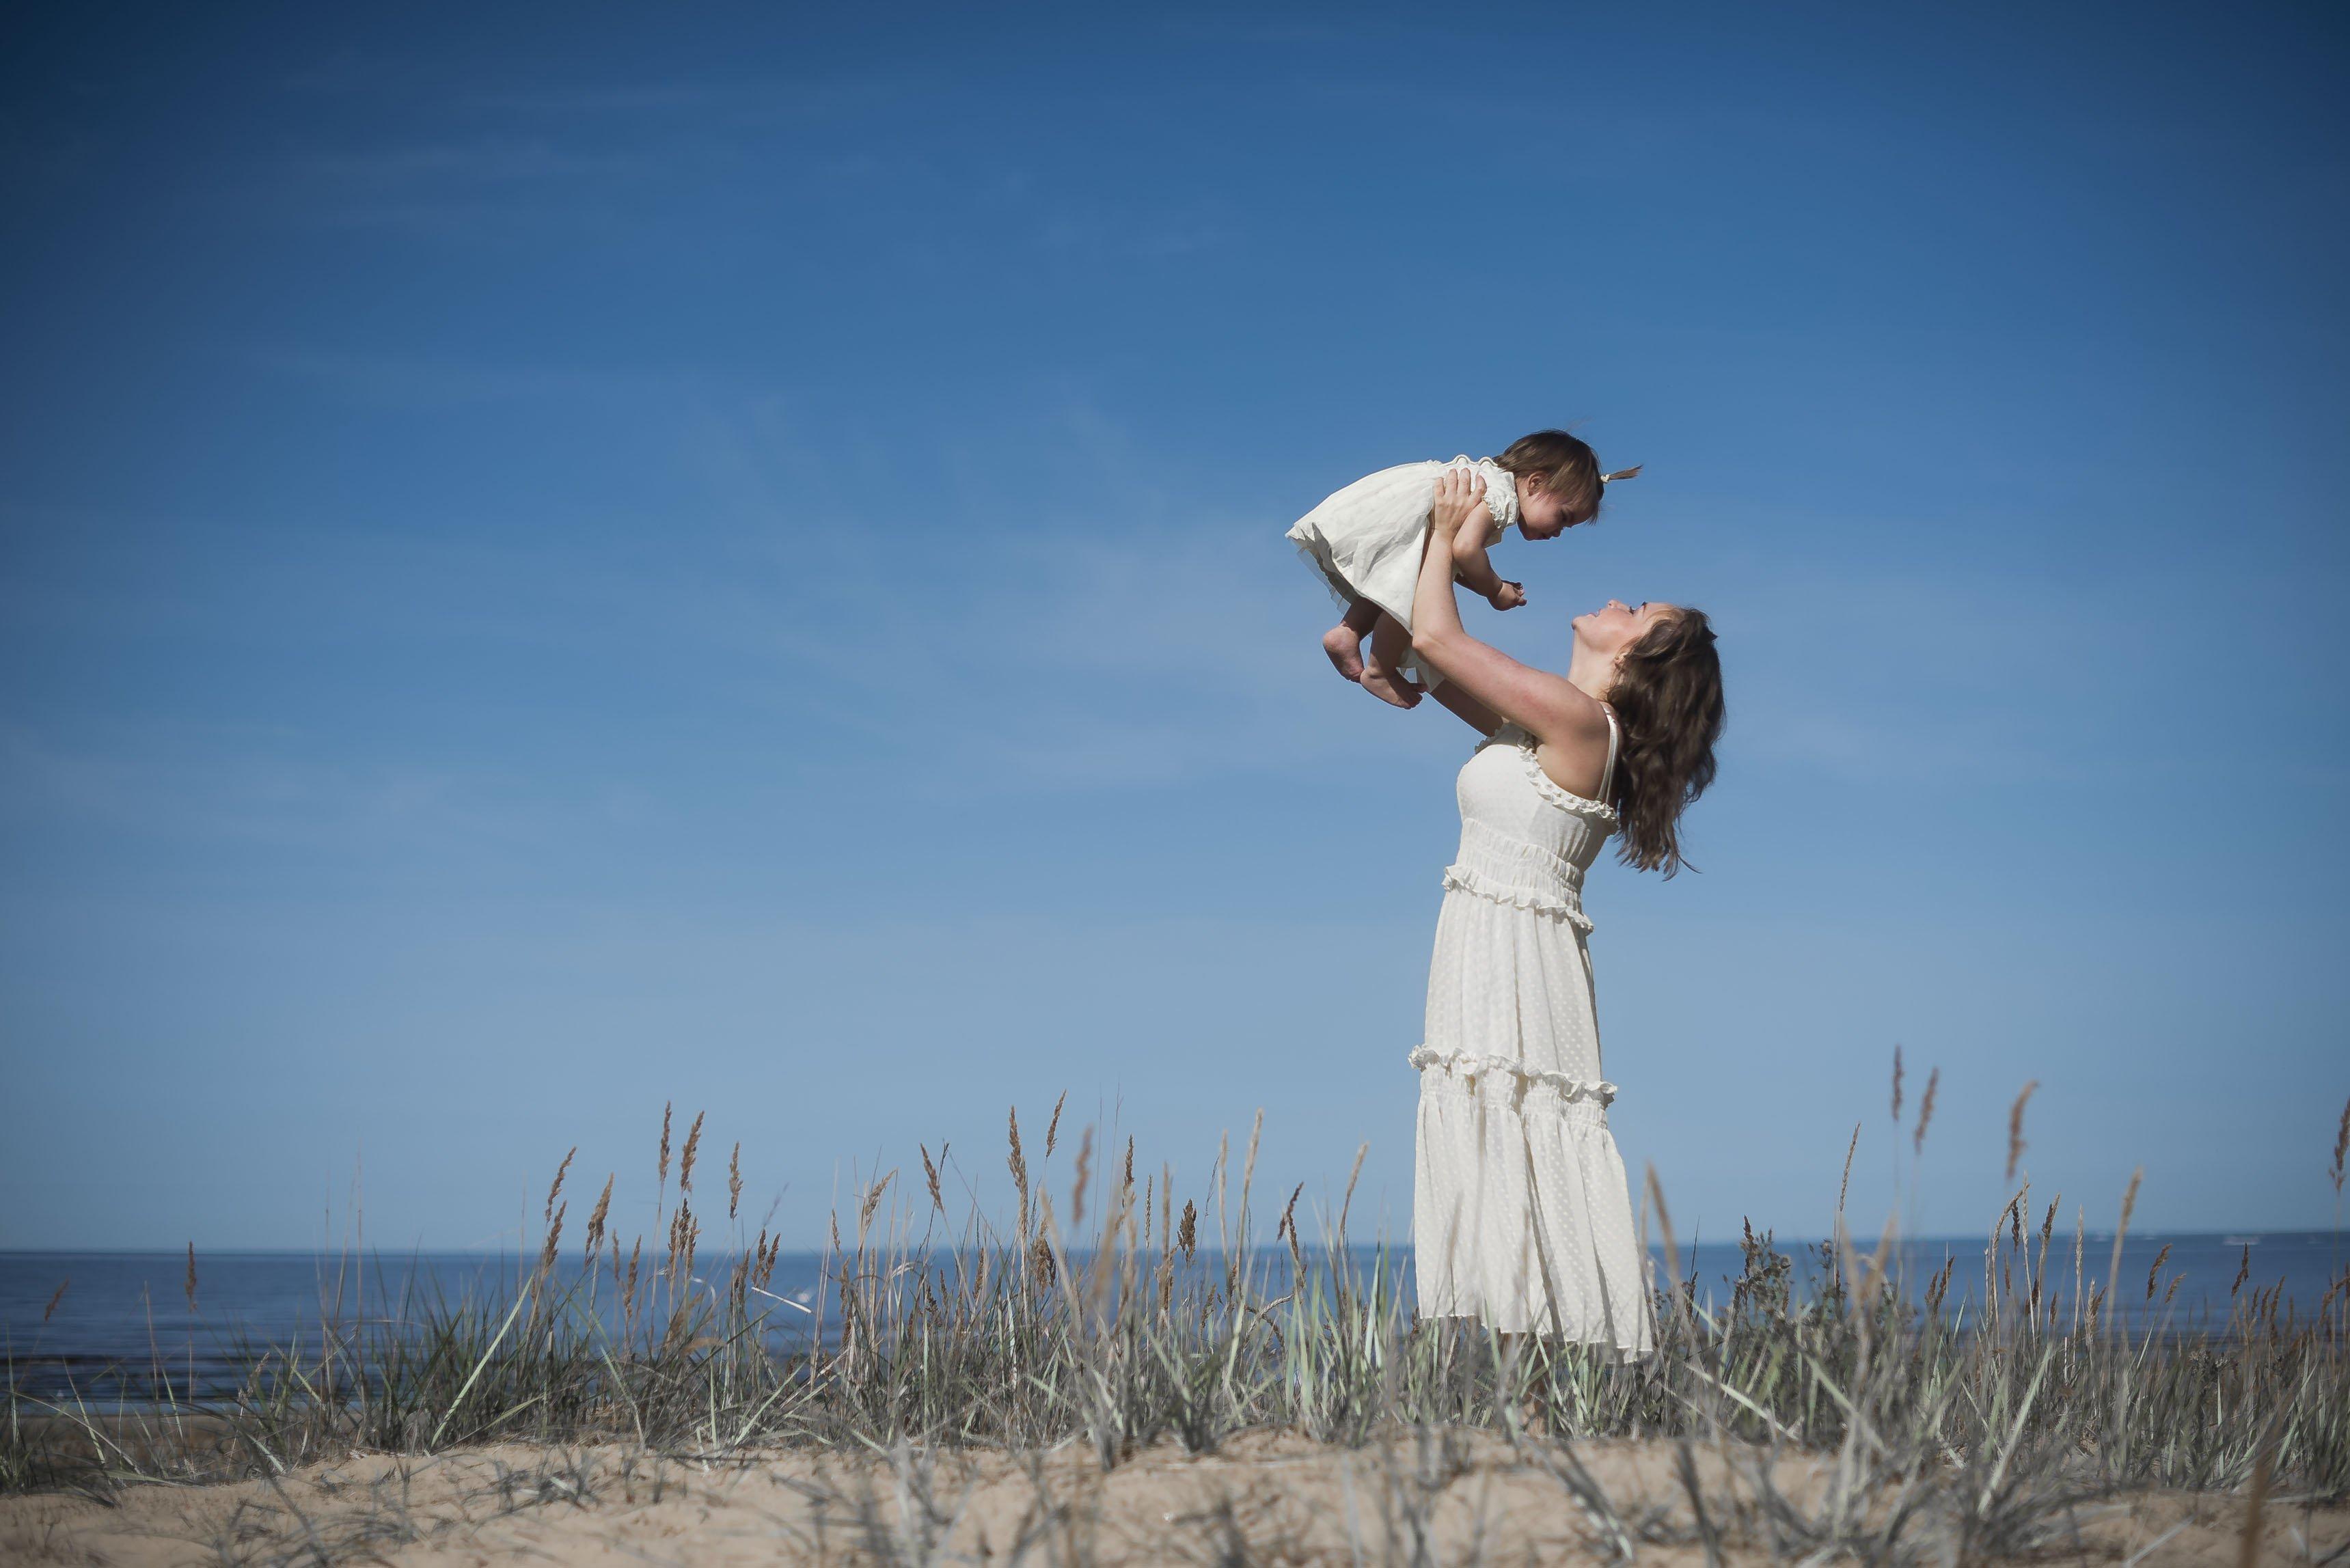 лето пляж море небо мама дочка белое платье, Виктория Разина